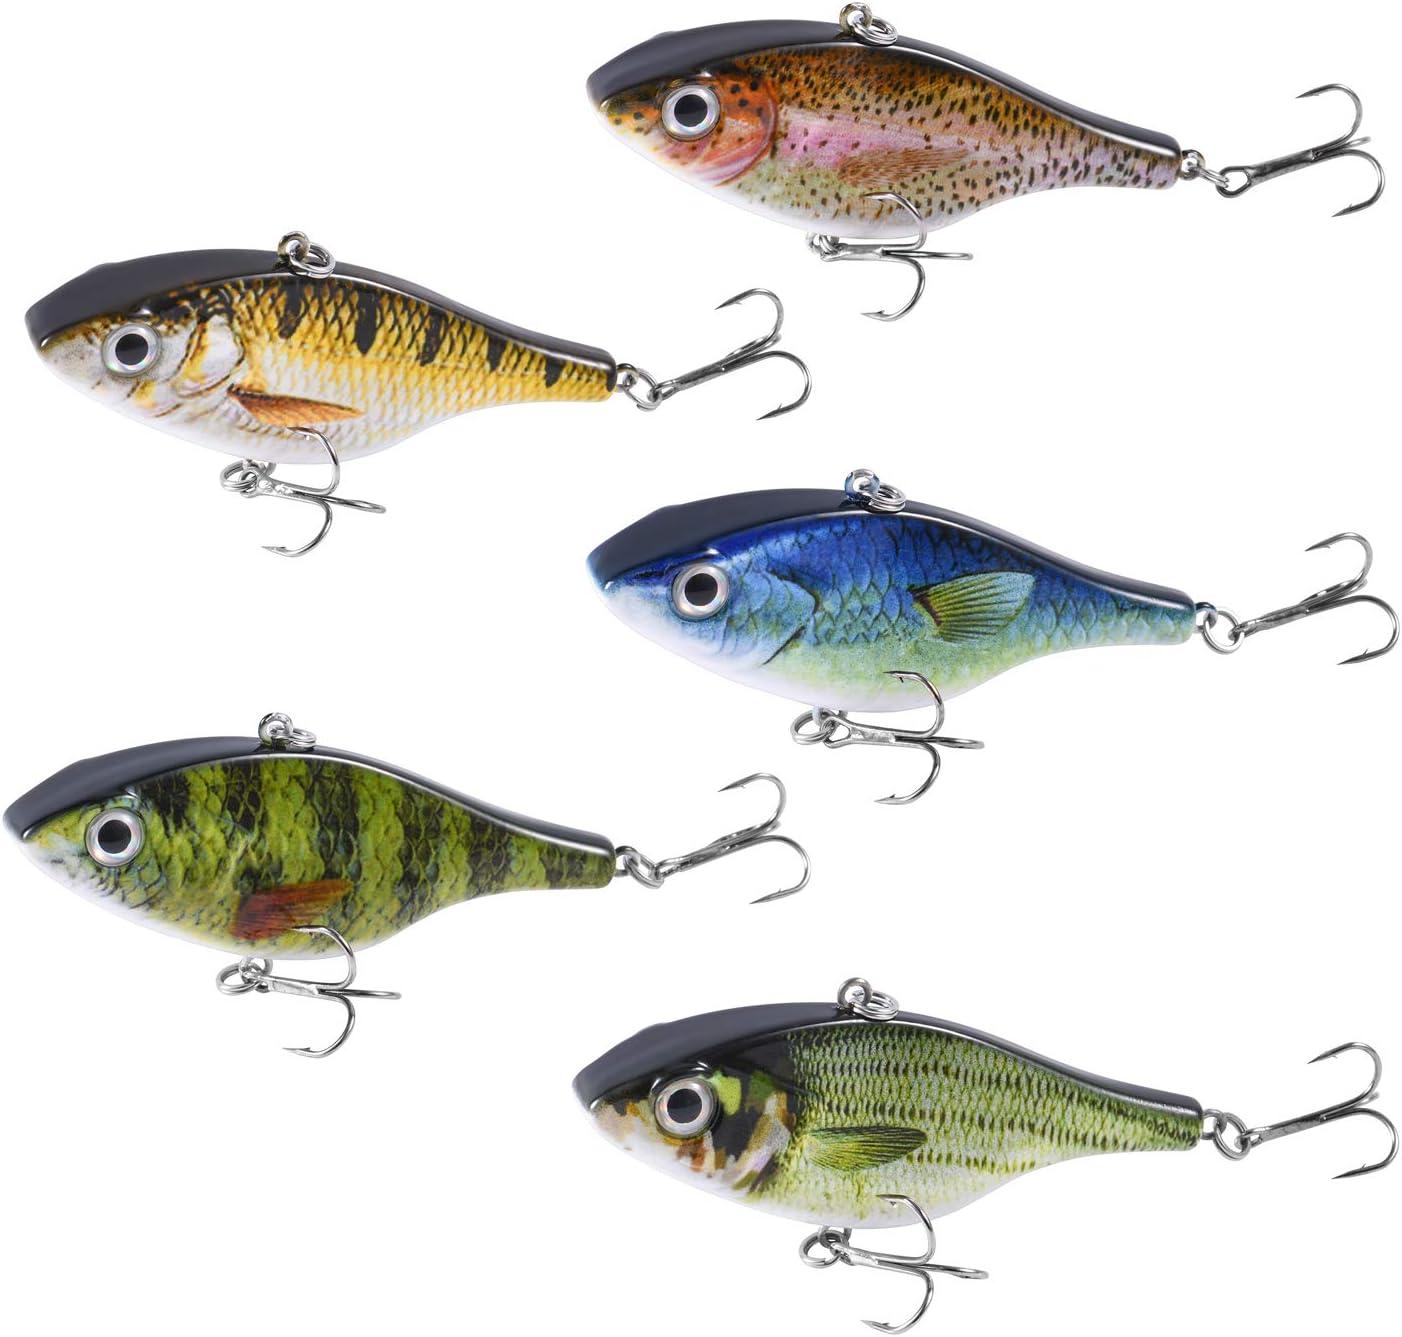 Magreel Señuelos Pesca Set Mini 5pcs Kit de Señuelo Pesca Accesorios Cebos Artificiales Crankbaits Swimbait con Caja de Aparejos (18.4g/7.5cm): Amazon.es: Deportes y aire libre